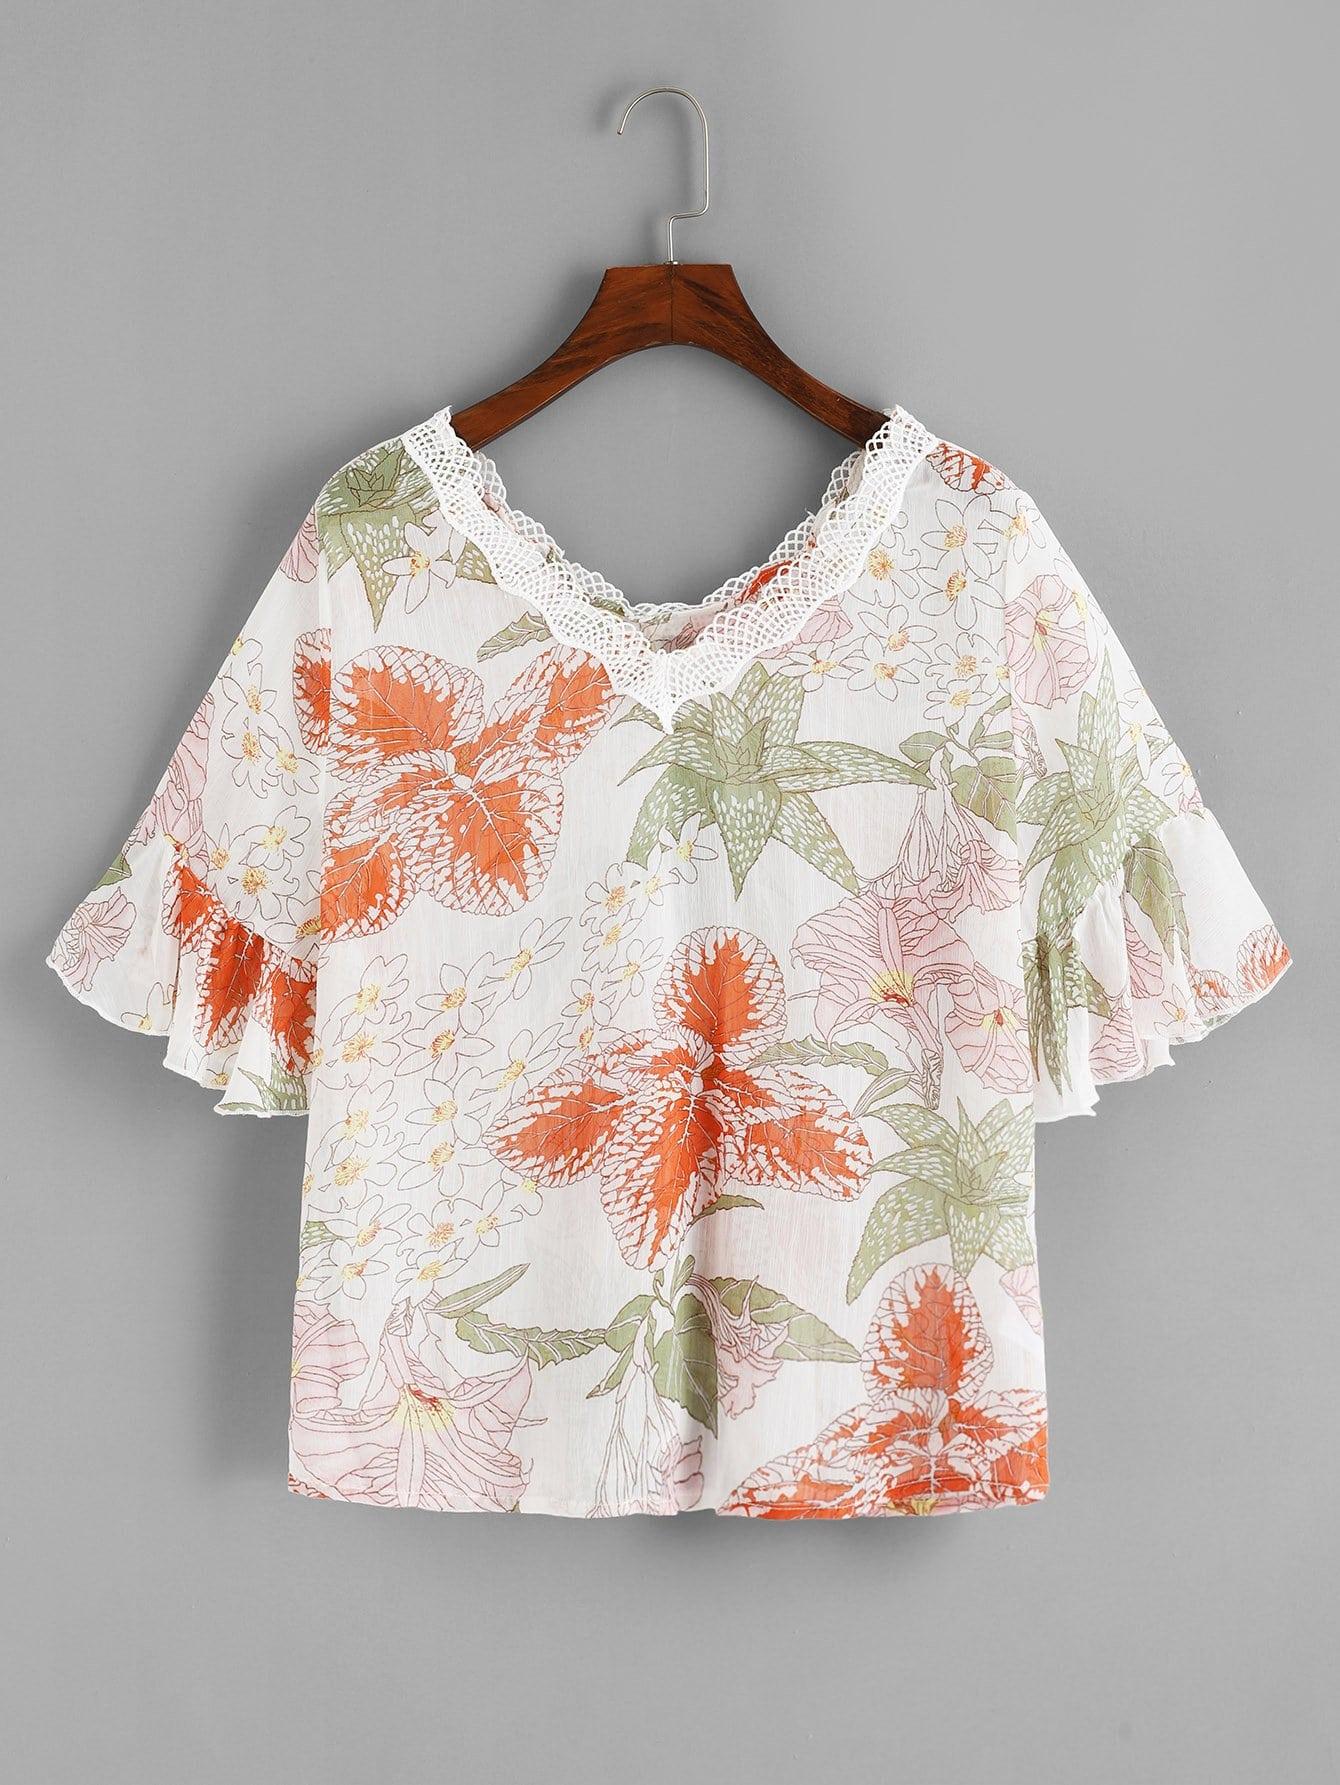 Купить Блузка с кружевами цветы и широкими рукавами, null, SheIn